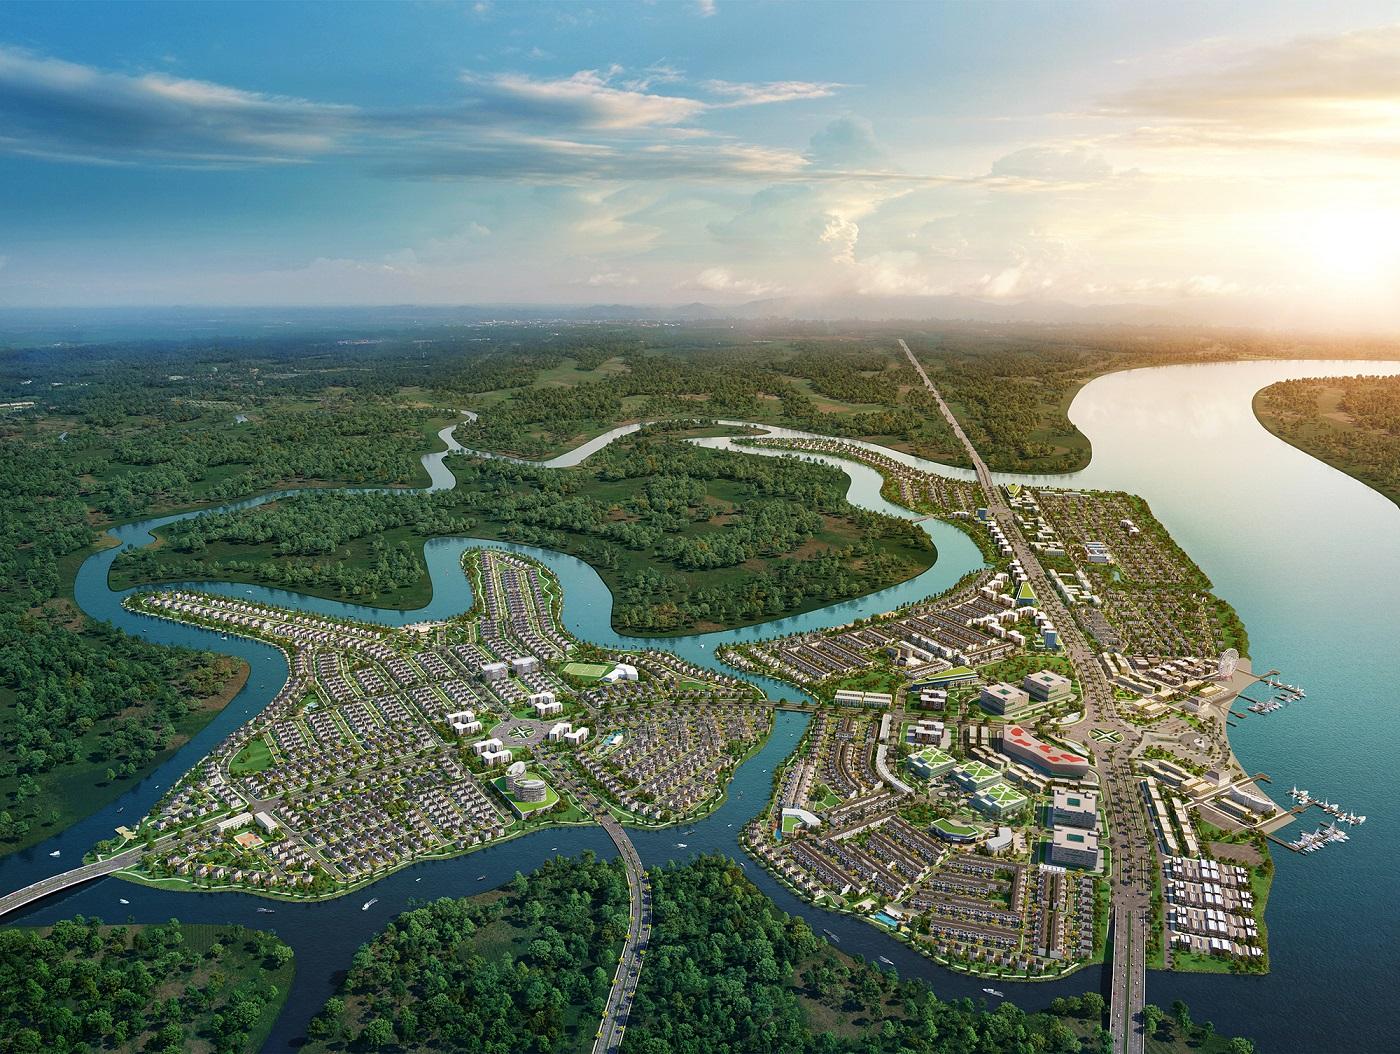 """Khu đô thị sinh thái thông minh Aqua City tọa lạc tại """"vùng xanh"""" phía Nam Biên Hòa, kết nối nhanh chóng đến TP.HCM và các trung tâm kinh tế, du lịch vùng Đông Nam bộ"""